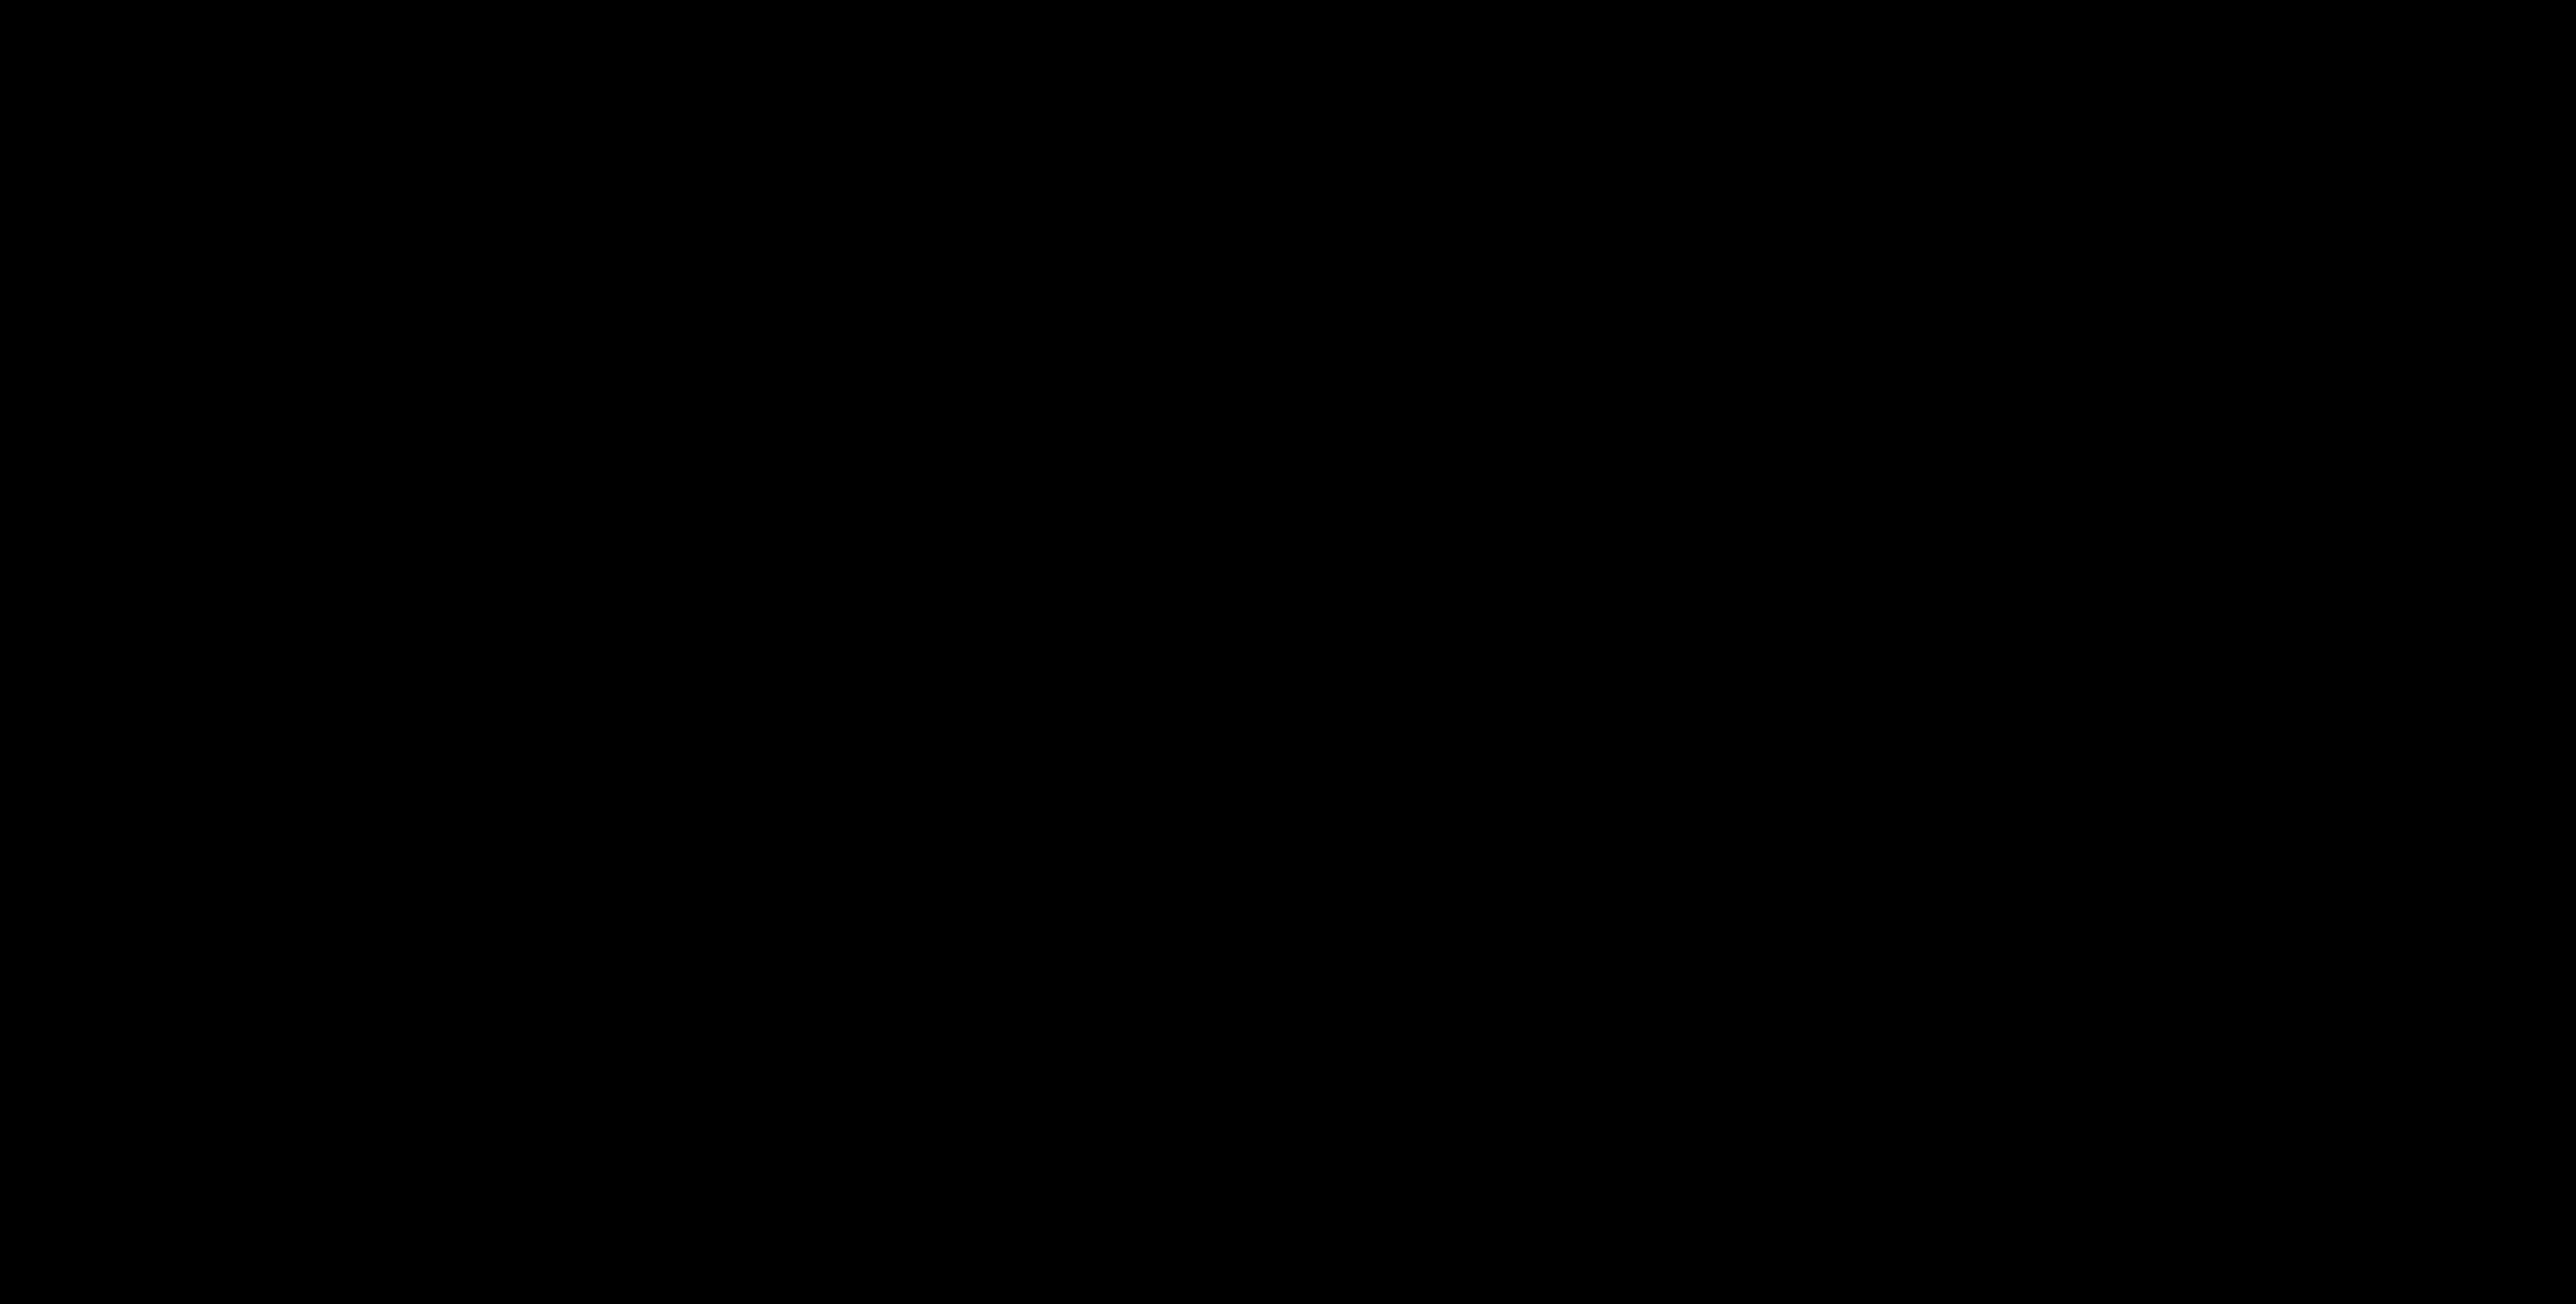 Igorrr + Drumcorps + Otto Von Schirach